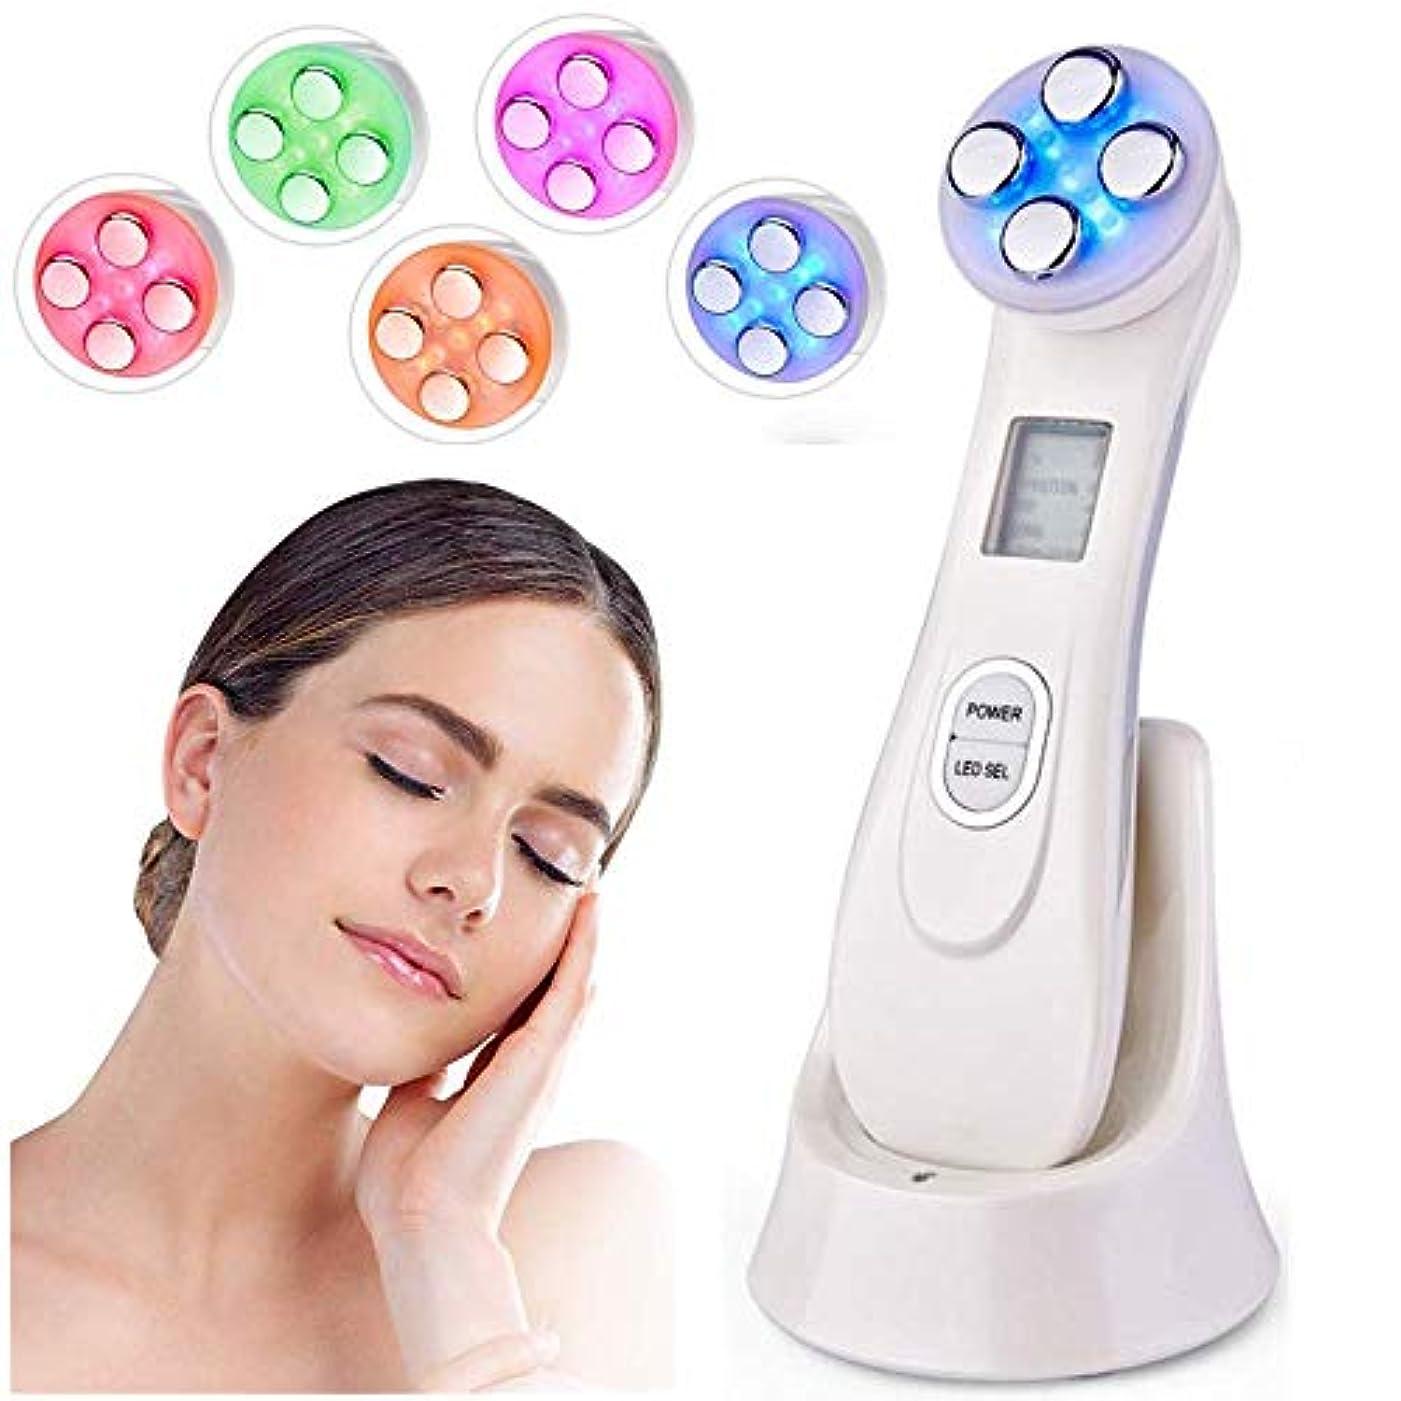 勇敢な斧実験的RF EMS LEDライトセラピー美容機顔の若返りしわ除去デバイス、顔のリフティングのために調整可能な6つの光モードで反しわを締めます